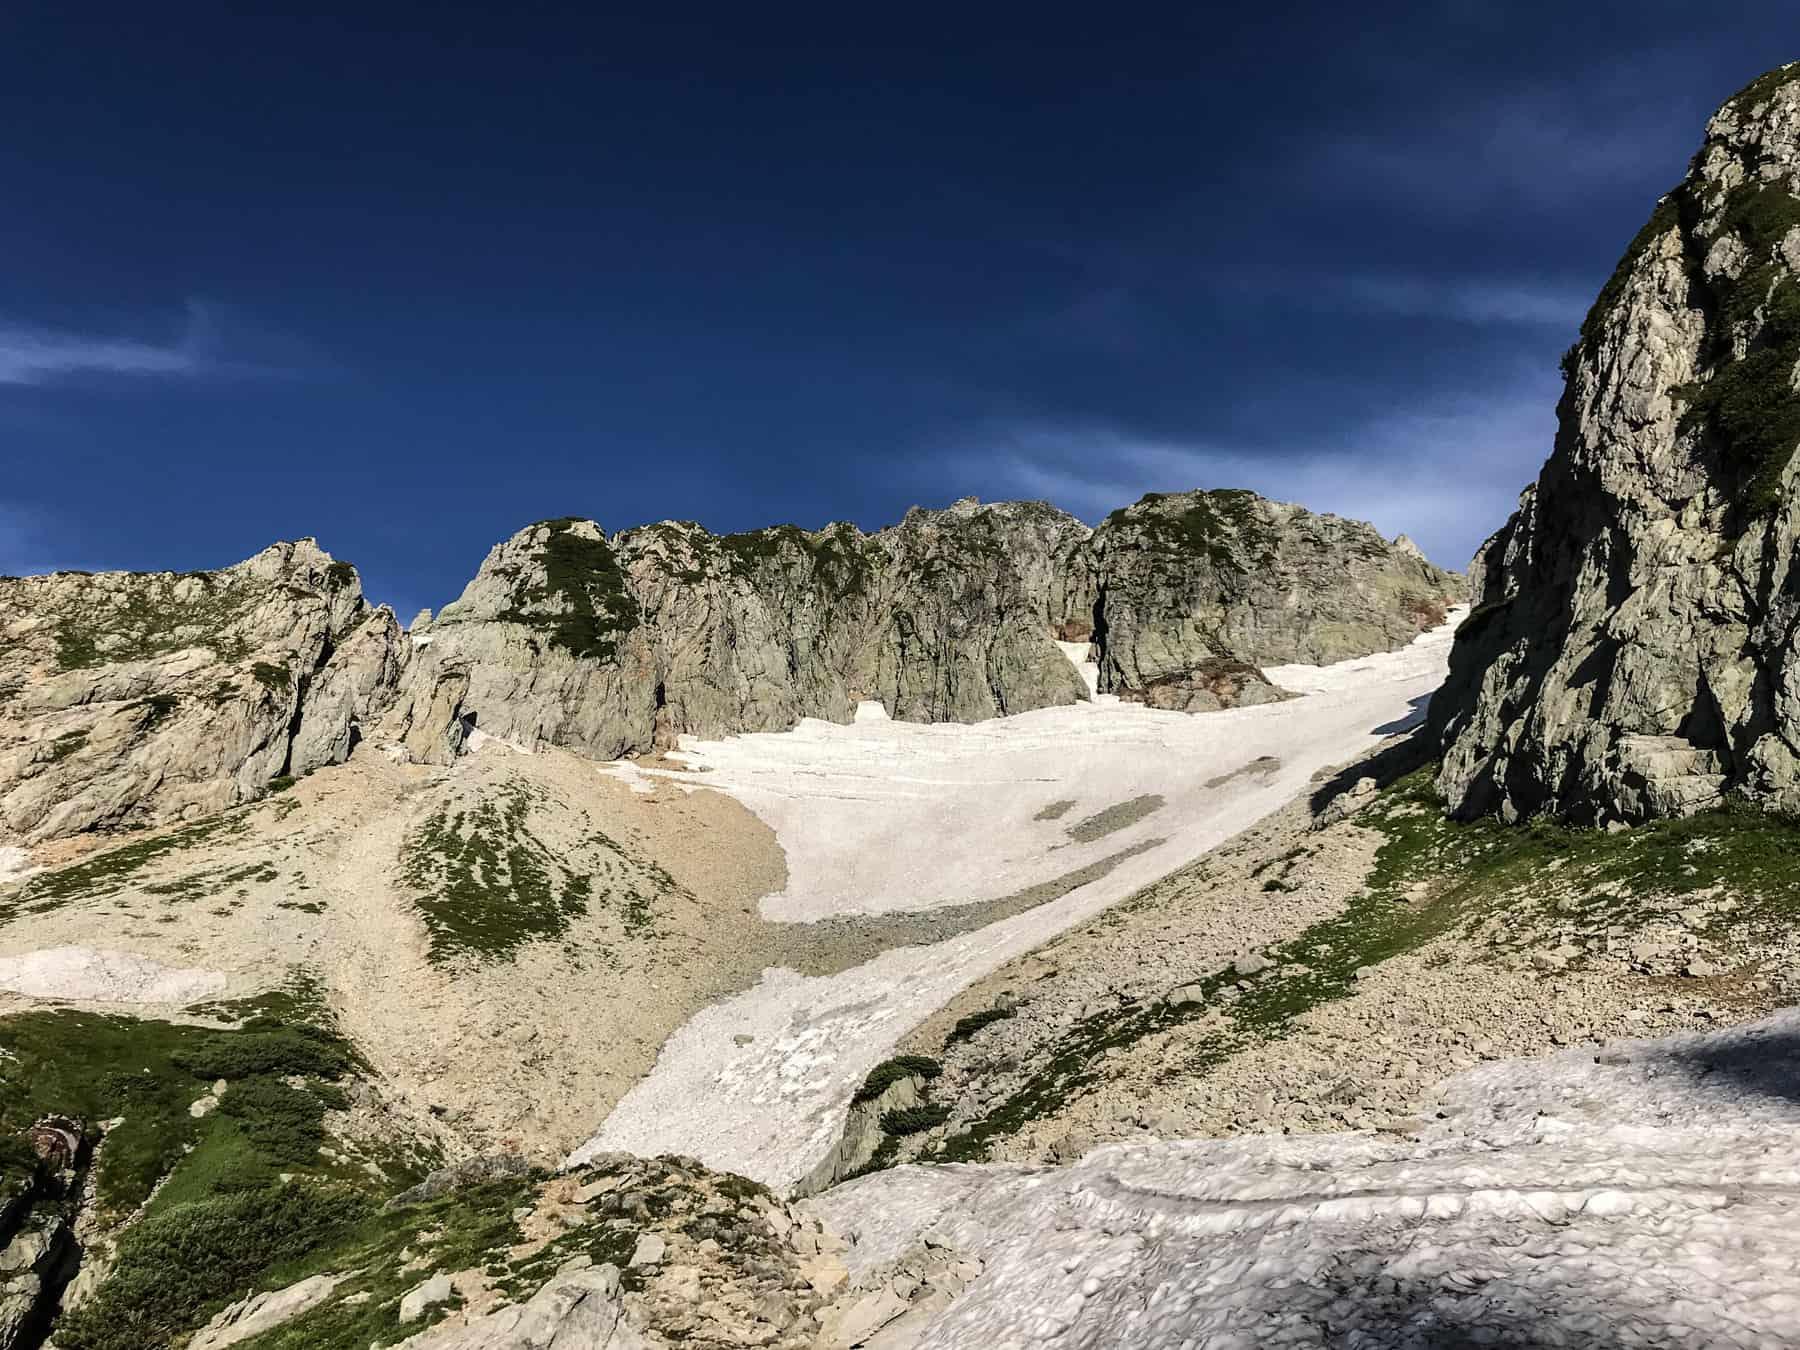 Field Report: Mount Tsurugi IMG_1008